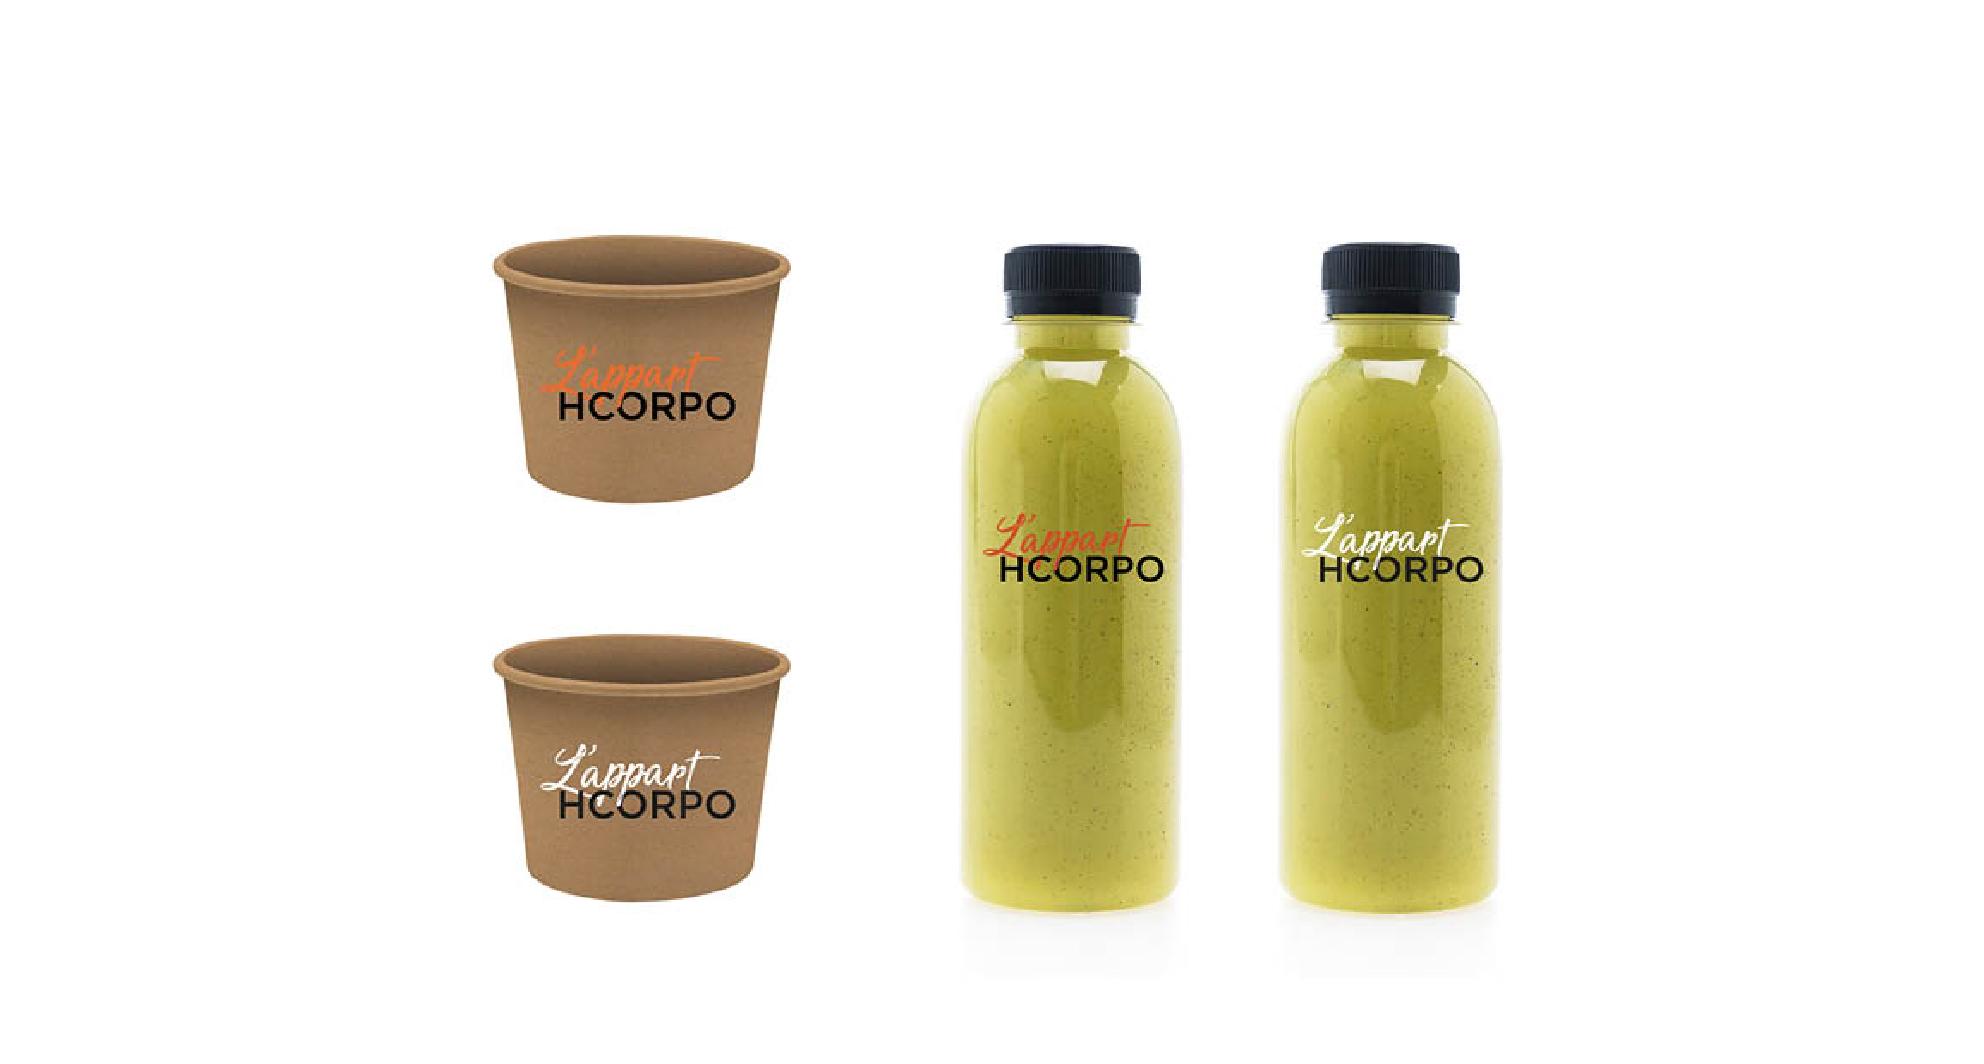 HCORPO-IFTM-07